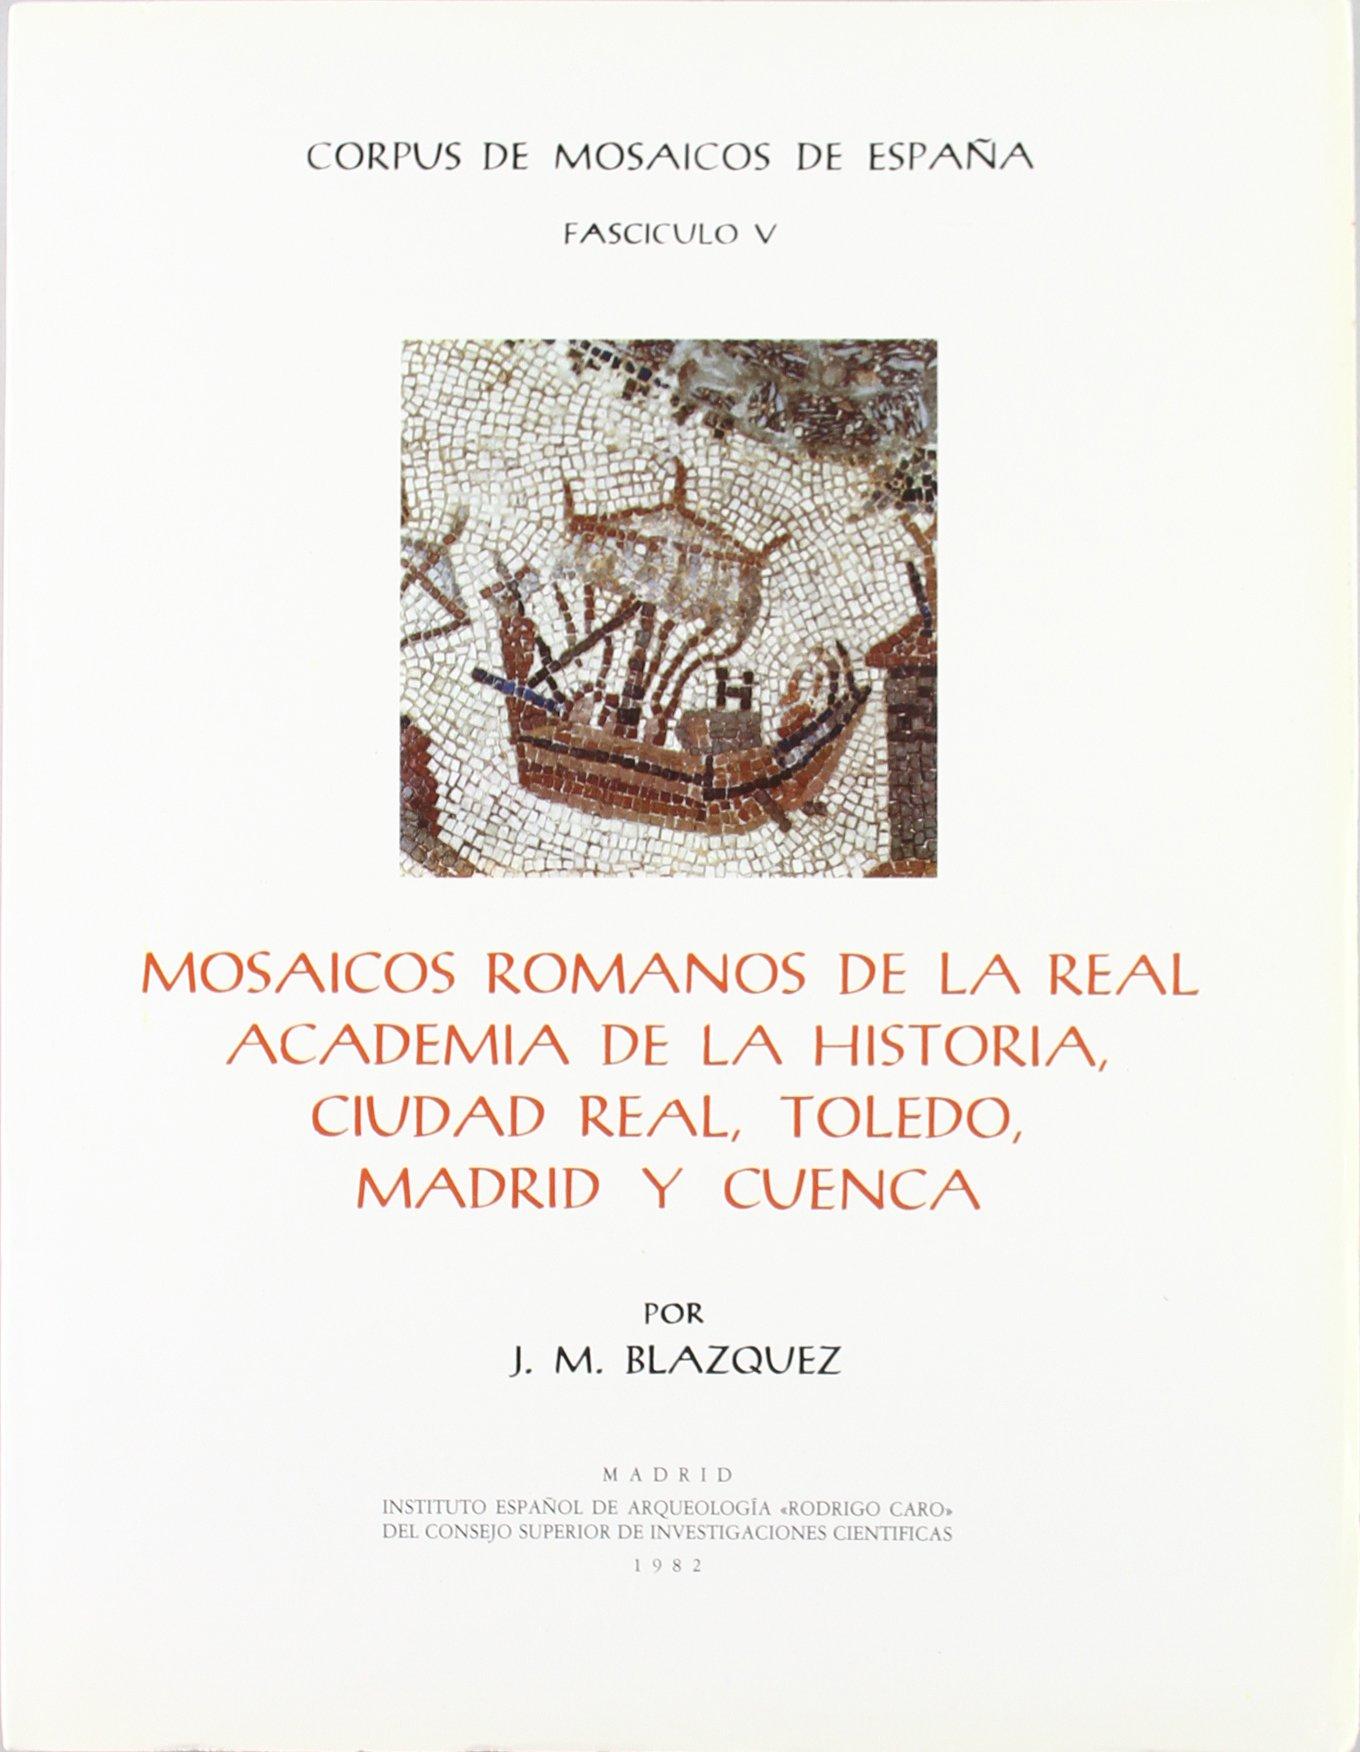 Mosaicos romanos de la Real Academia de la Historia, Ciudad Real, Toledo, Madrid y Cuenca Corpus de Mosaicos Romanos de España: Amazon.es: Blázquez, José Mª: Libros